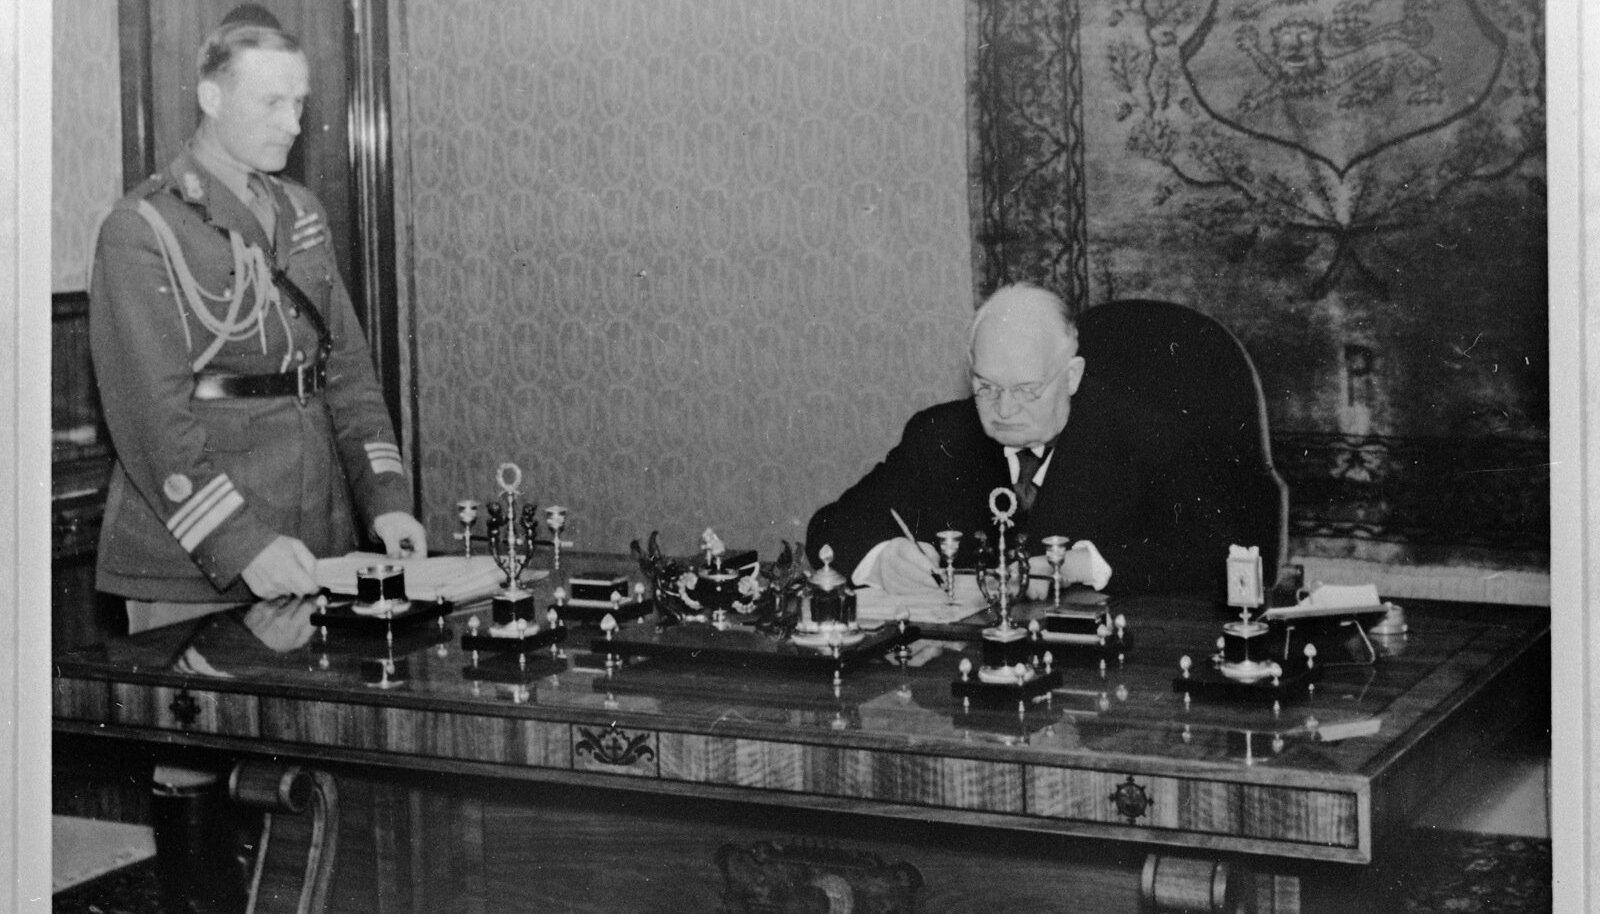 Lõpuks ometi president: Konstantin Päts oma uue töölaua taga Kadrioru lossis